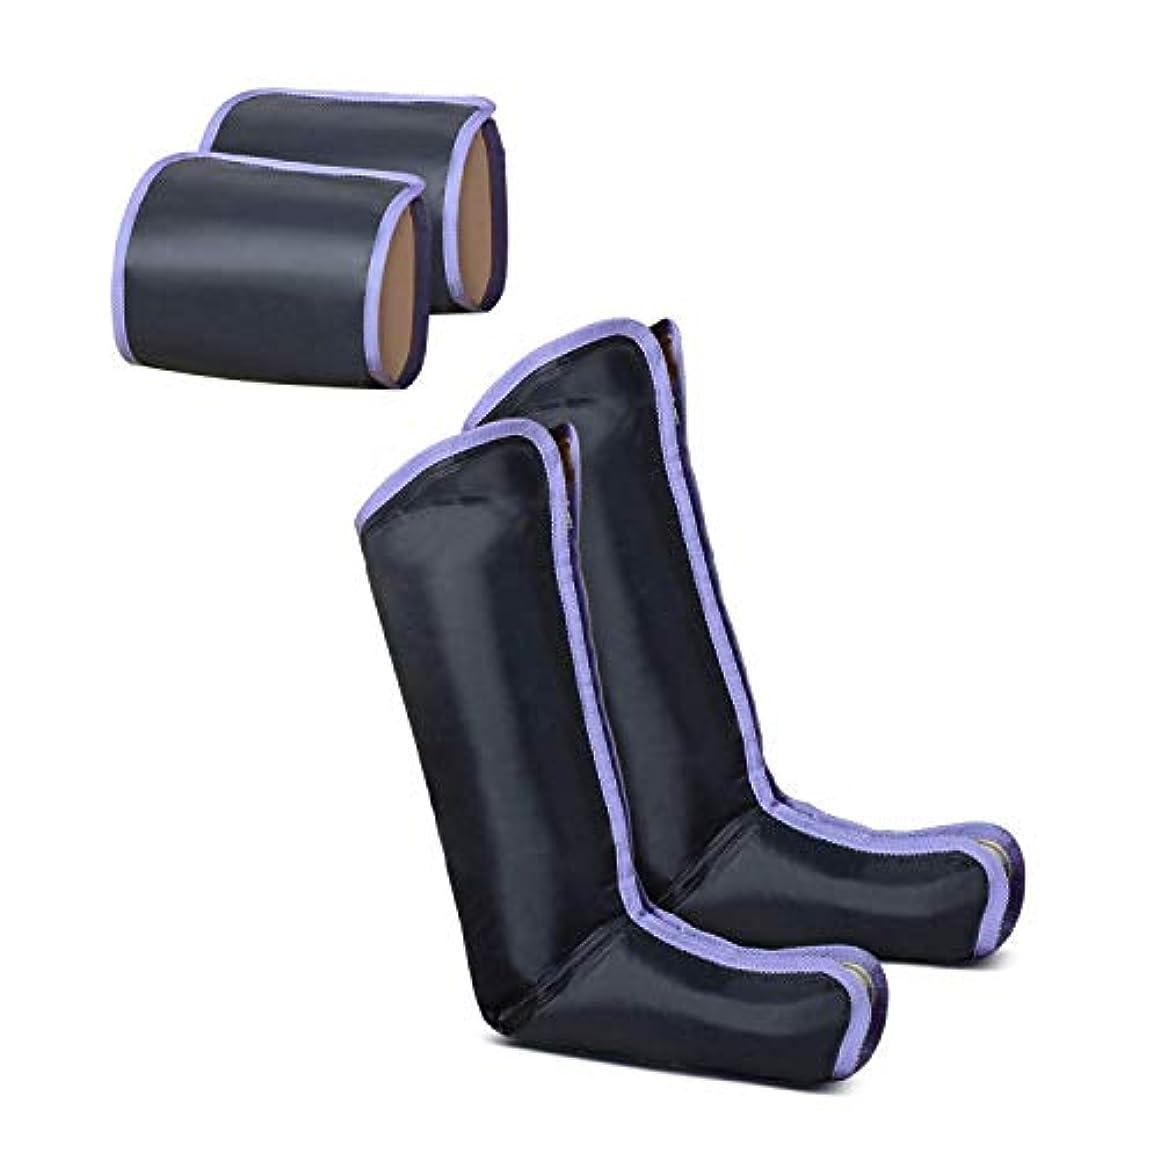 専門化するナイロン休暇SOLIN エアーマッサージャー 電気マッサージ機 ひざ 太もも対応 血行の促進